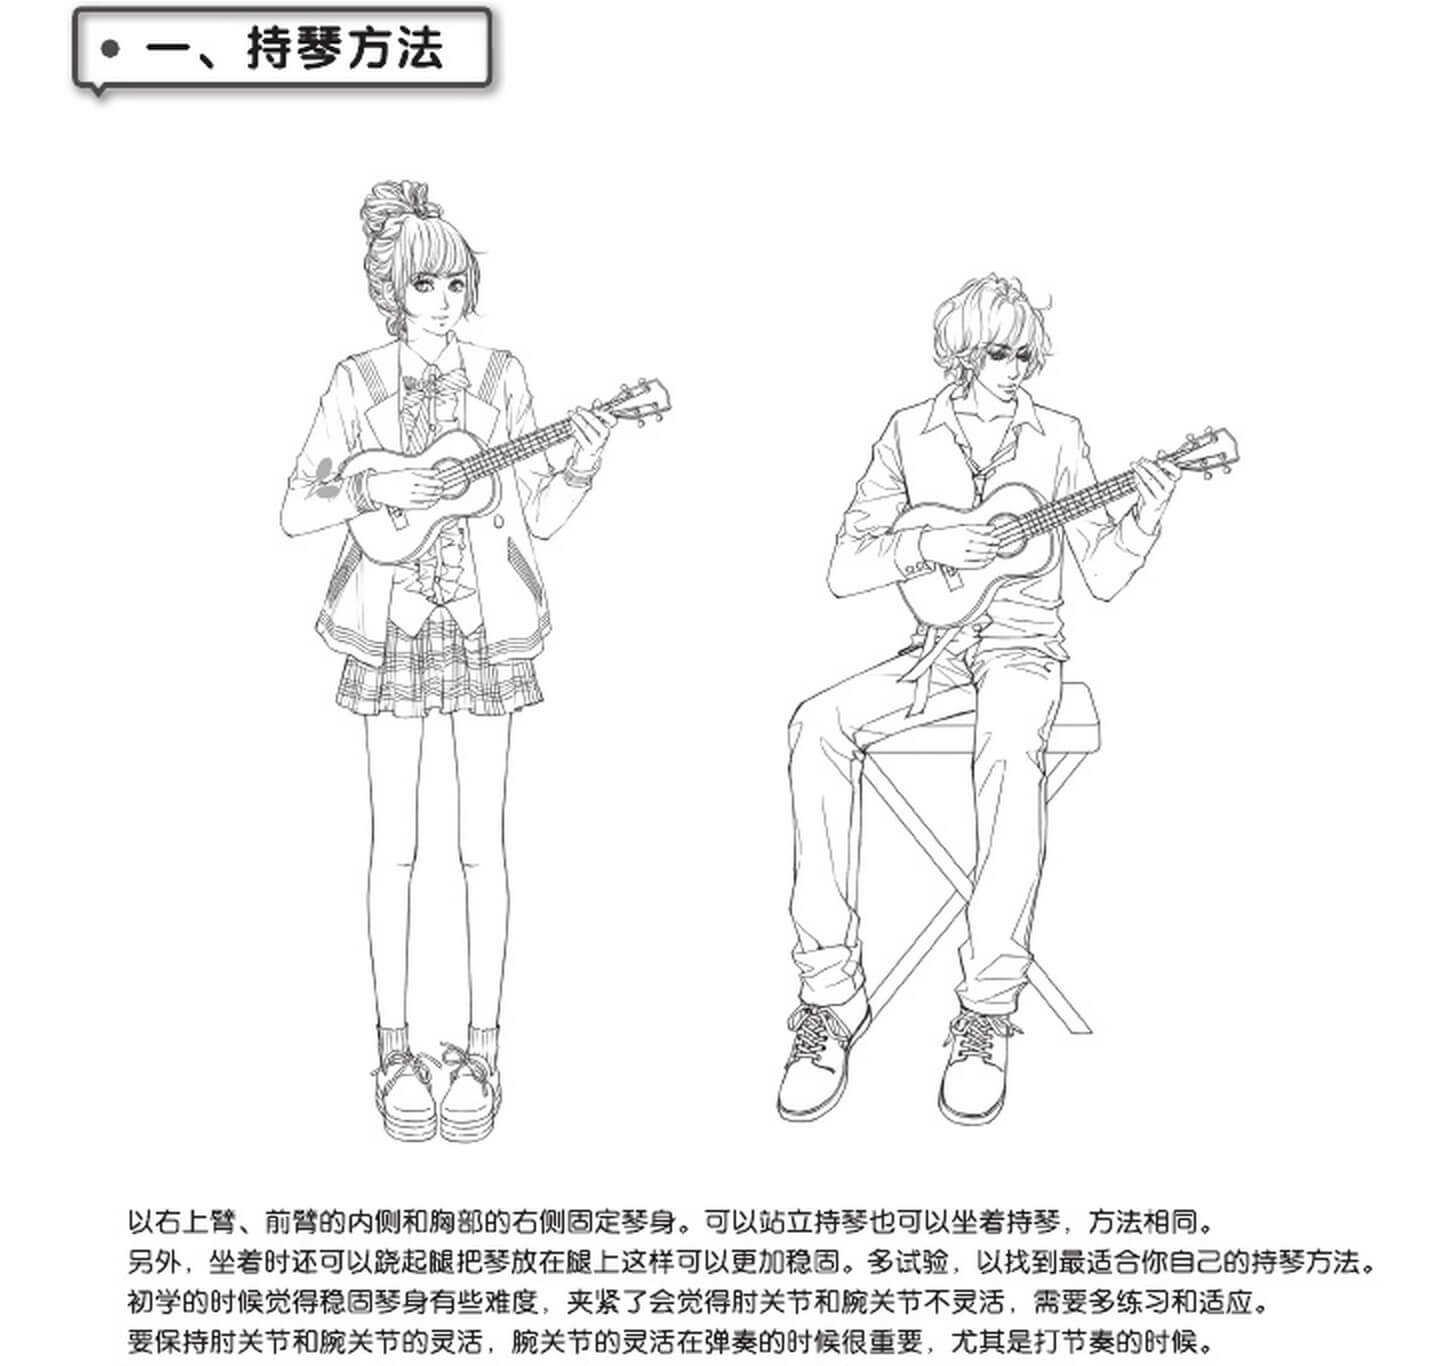 持琴方法(图片来自《最易上手尤克里里弹唱超精选》)